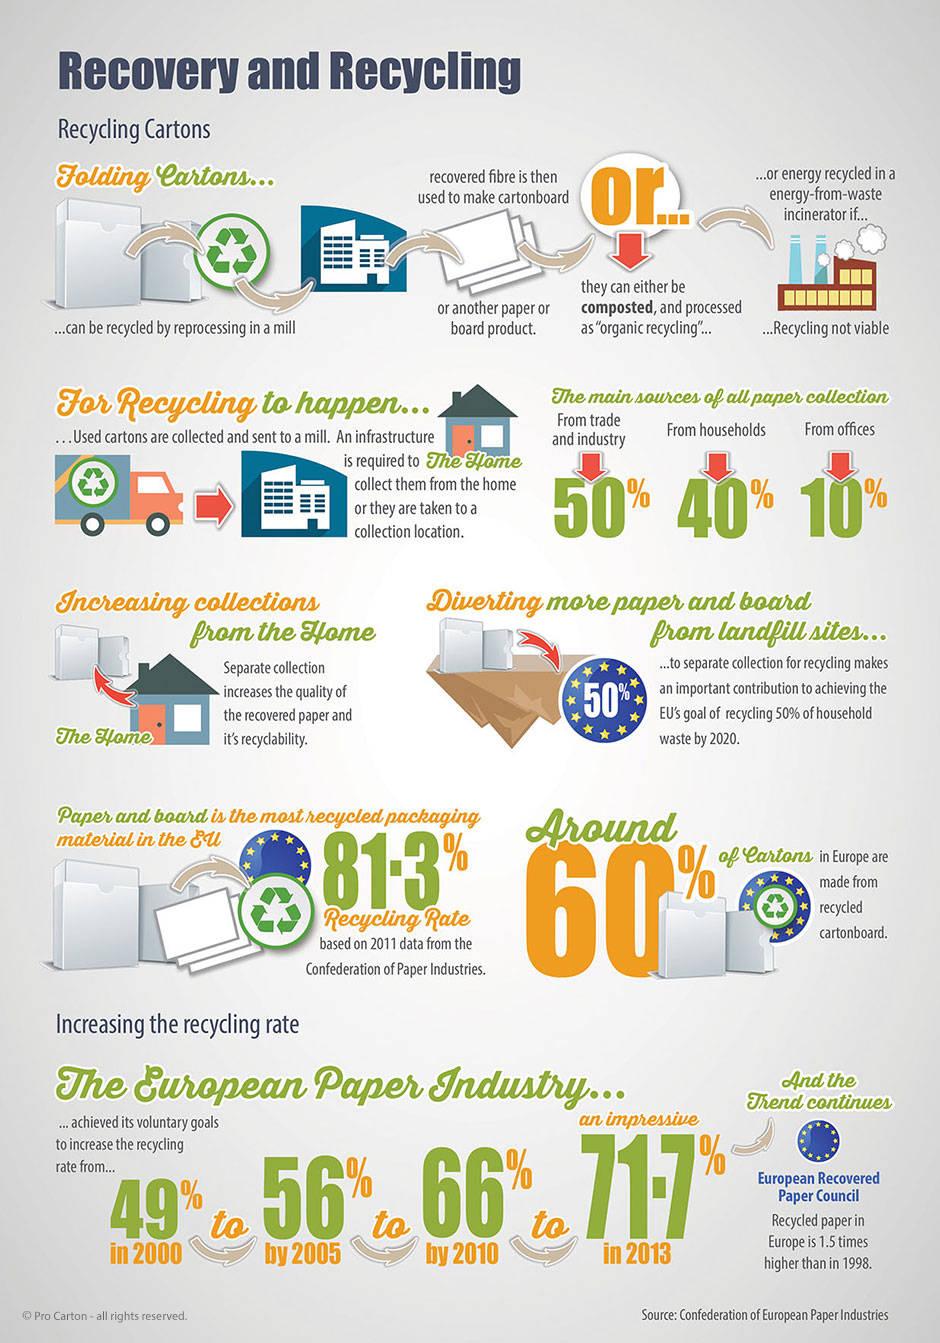 Recycling-Cartons